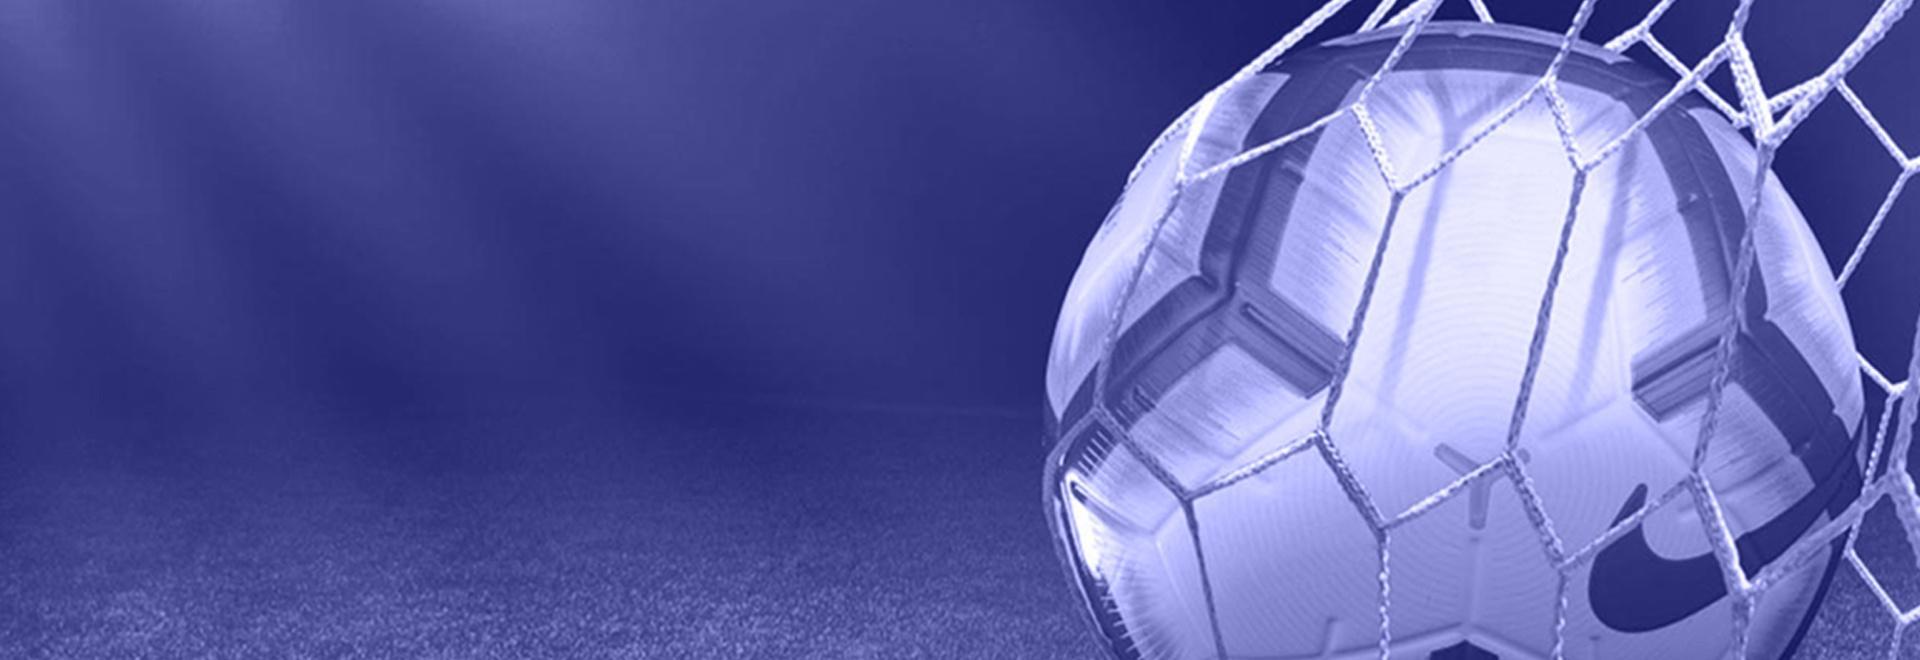 Napoli - Inter 05/05/13. 35a g.